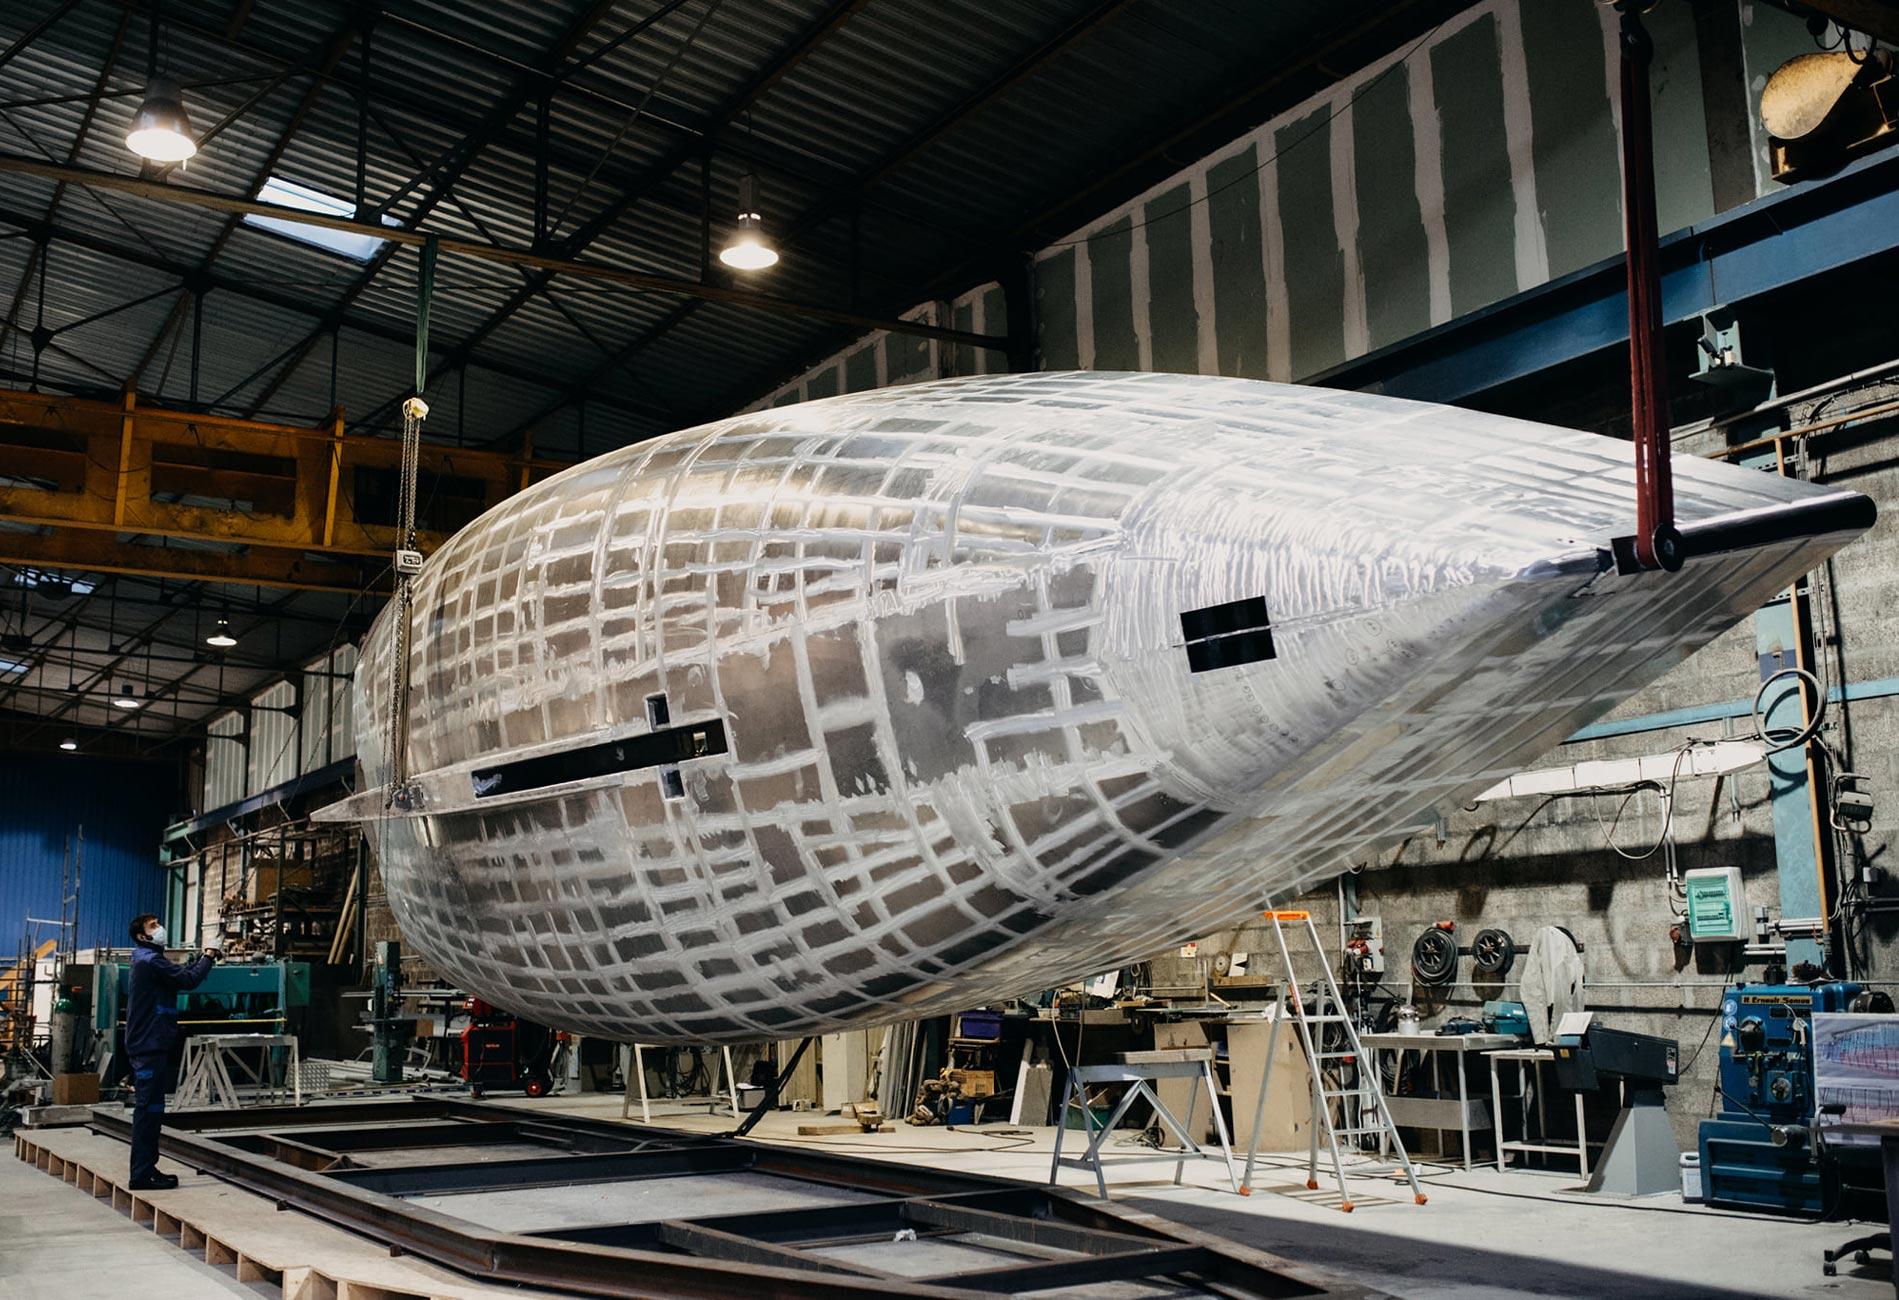 DG52-Retournement-Architecture-navale-Vincent-Lebailly-actualité nautique